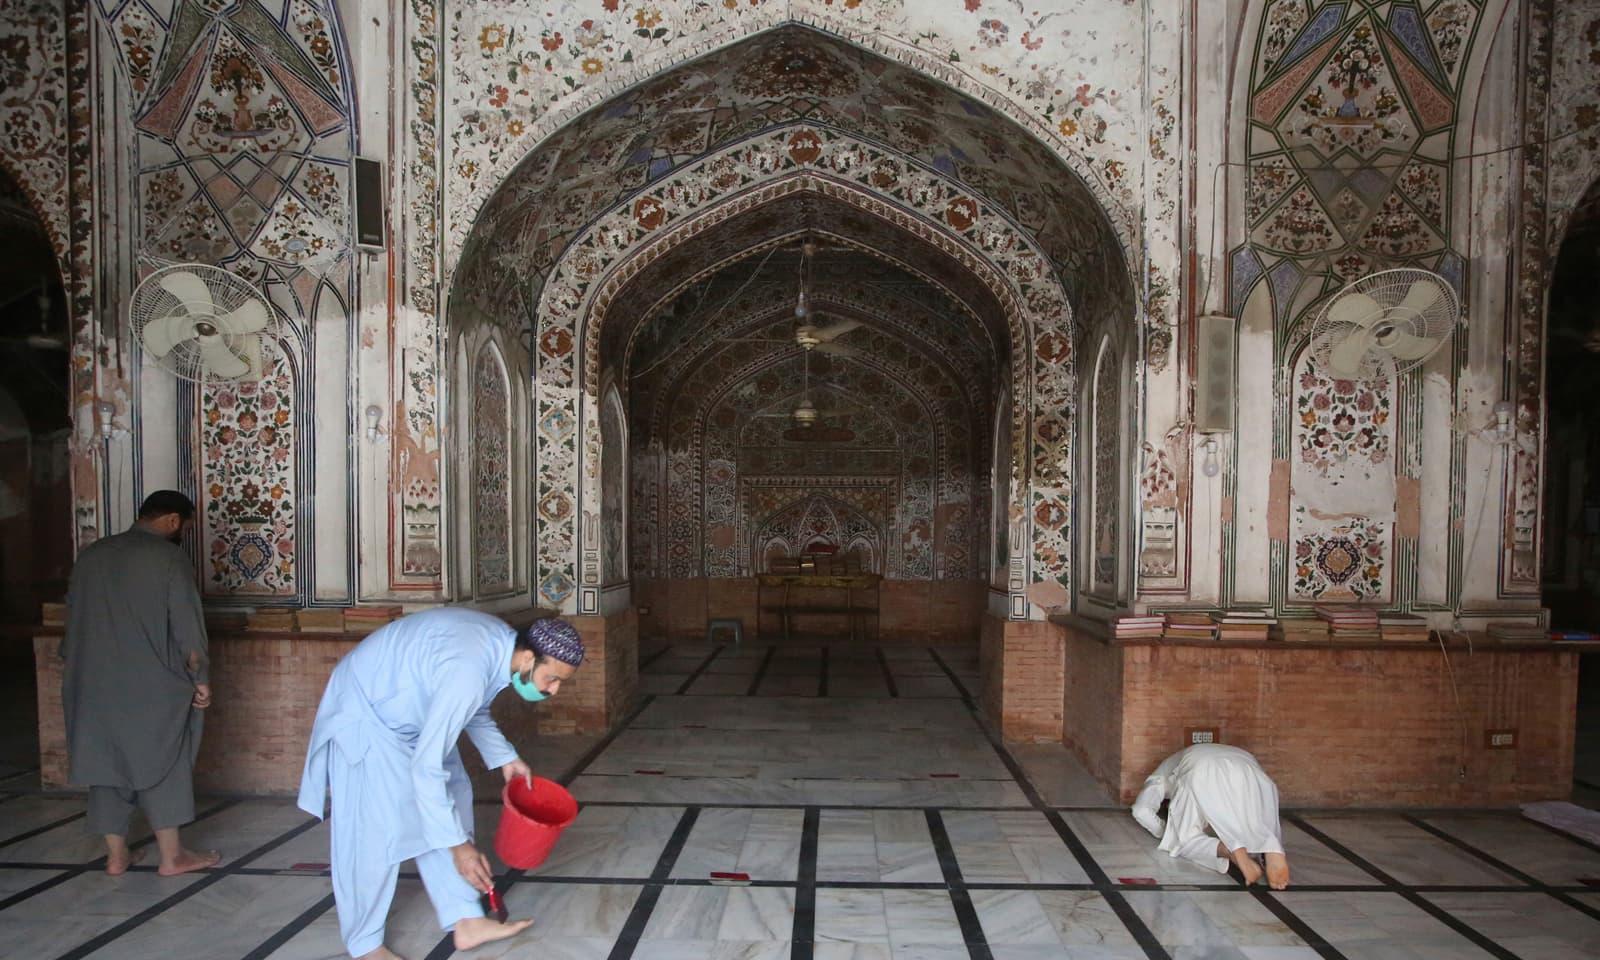 مسجد میں احتیاطی تدابیر کے طور پر نمازیوں کے نماز پڑھے کی جگہ پر نشان لگائے جا رہے ہیں تاکہ سماجی فاصلہ برقرار رکھا جا سکے— فوٹو: اے ایف پی